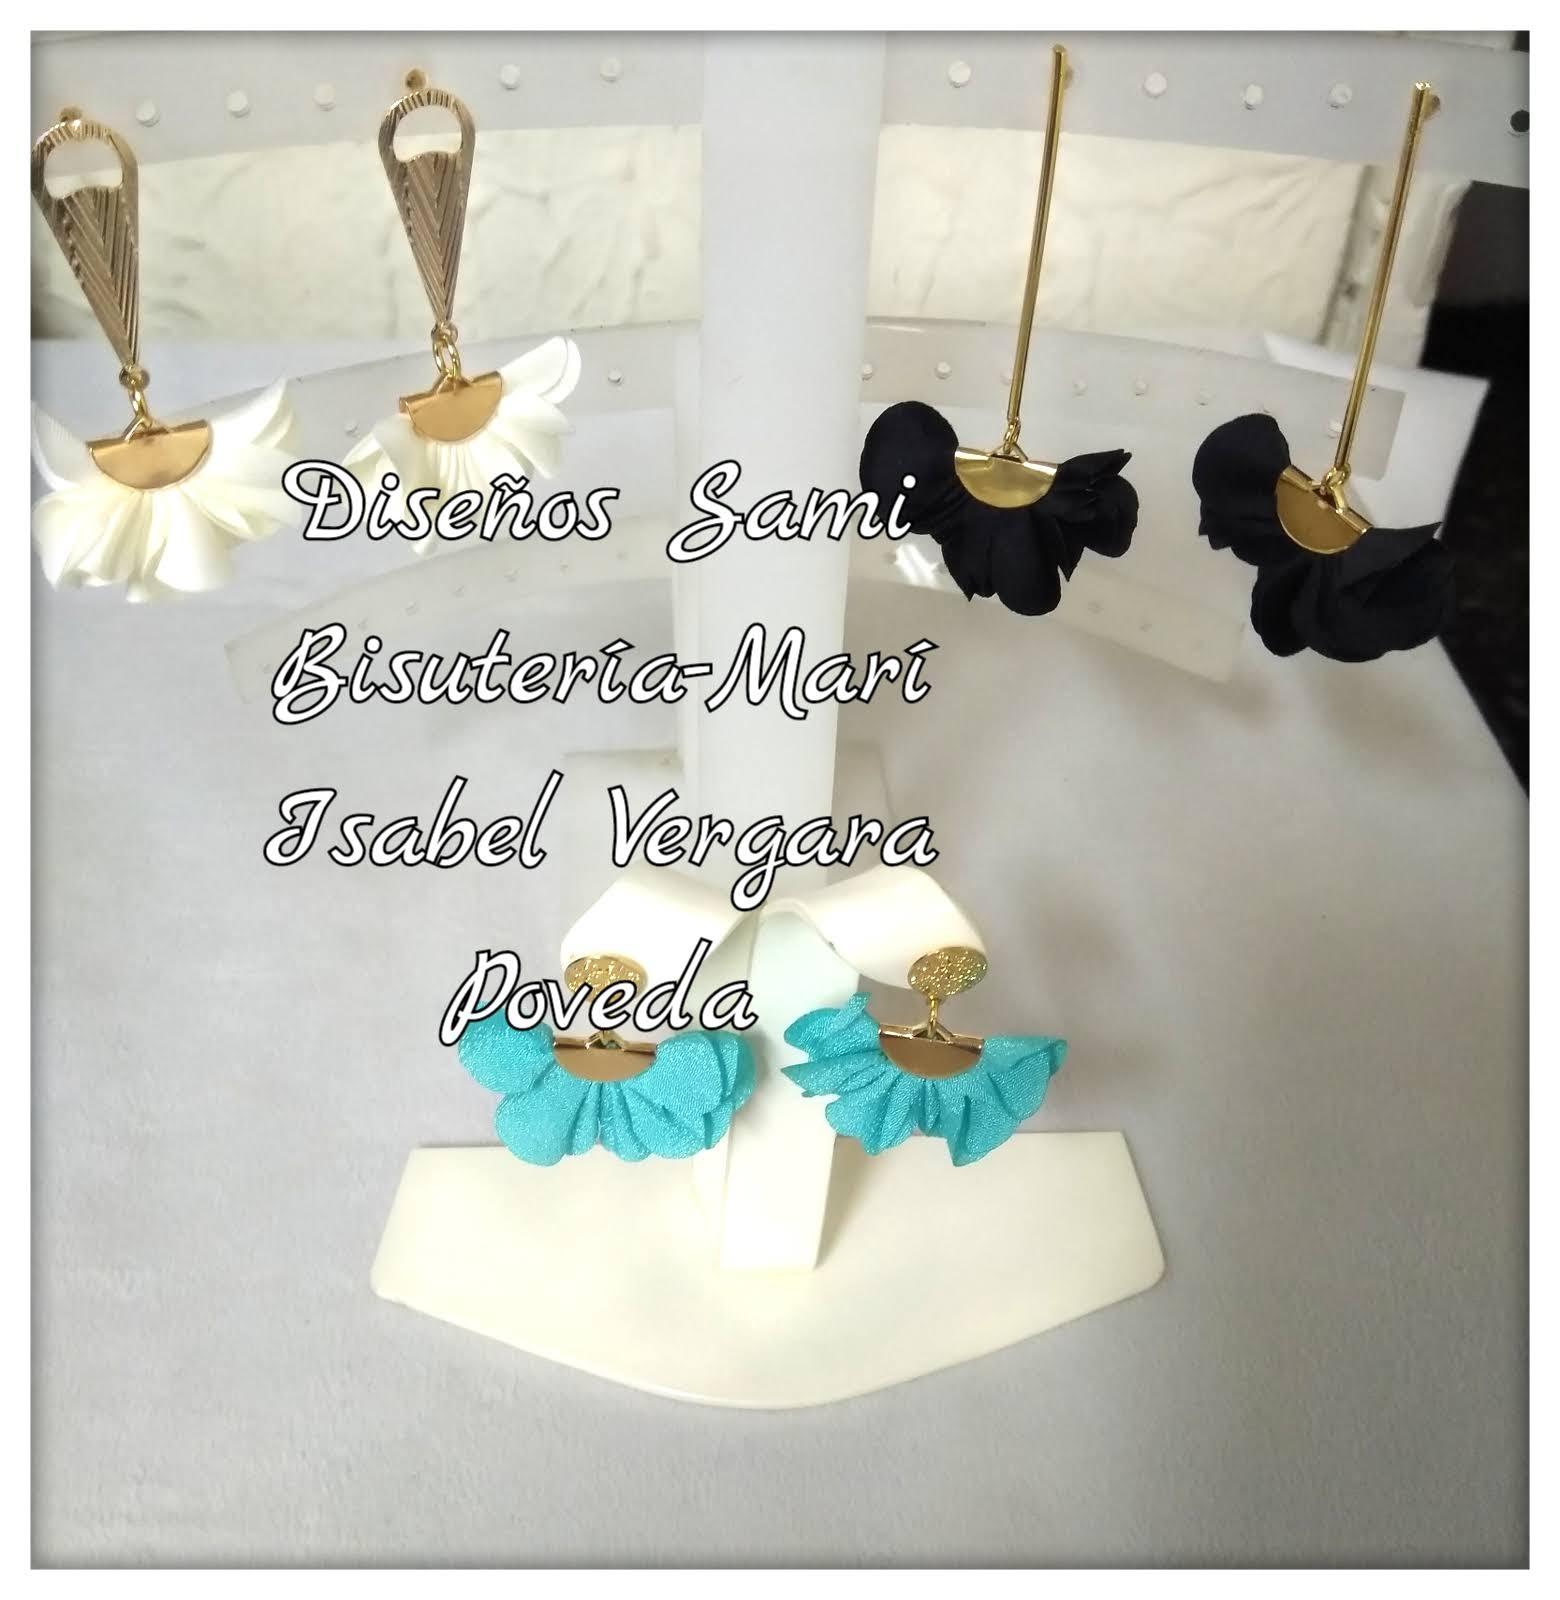 precio de fábrica bb321 33ca8 Diseños Sami Bisuteria: www.bisuteriasam.blogspot.com ...